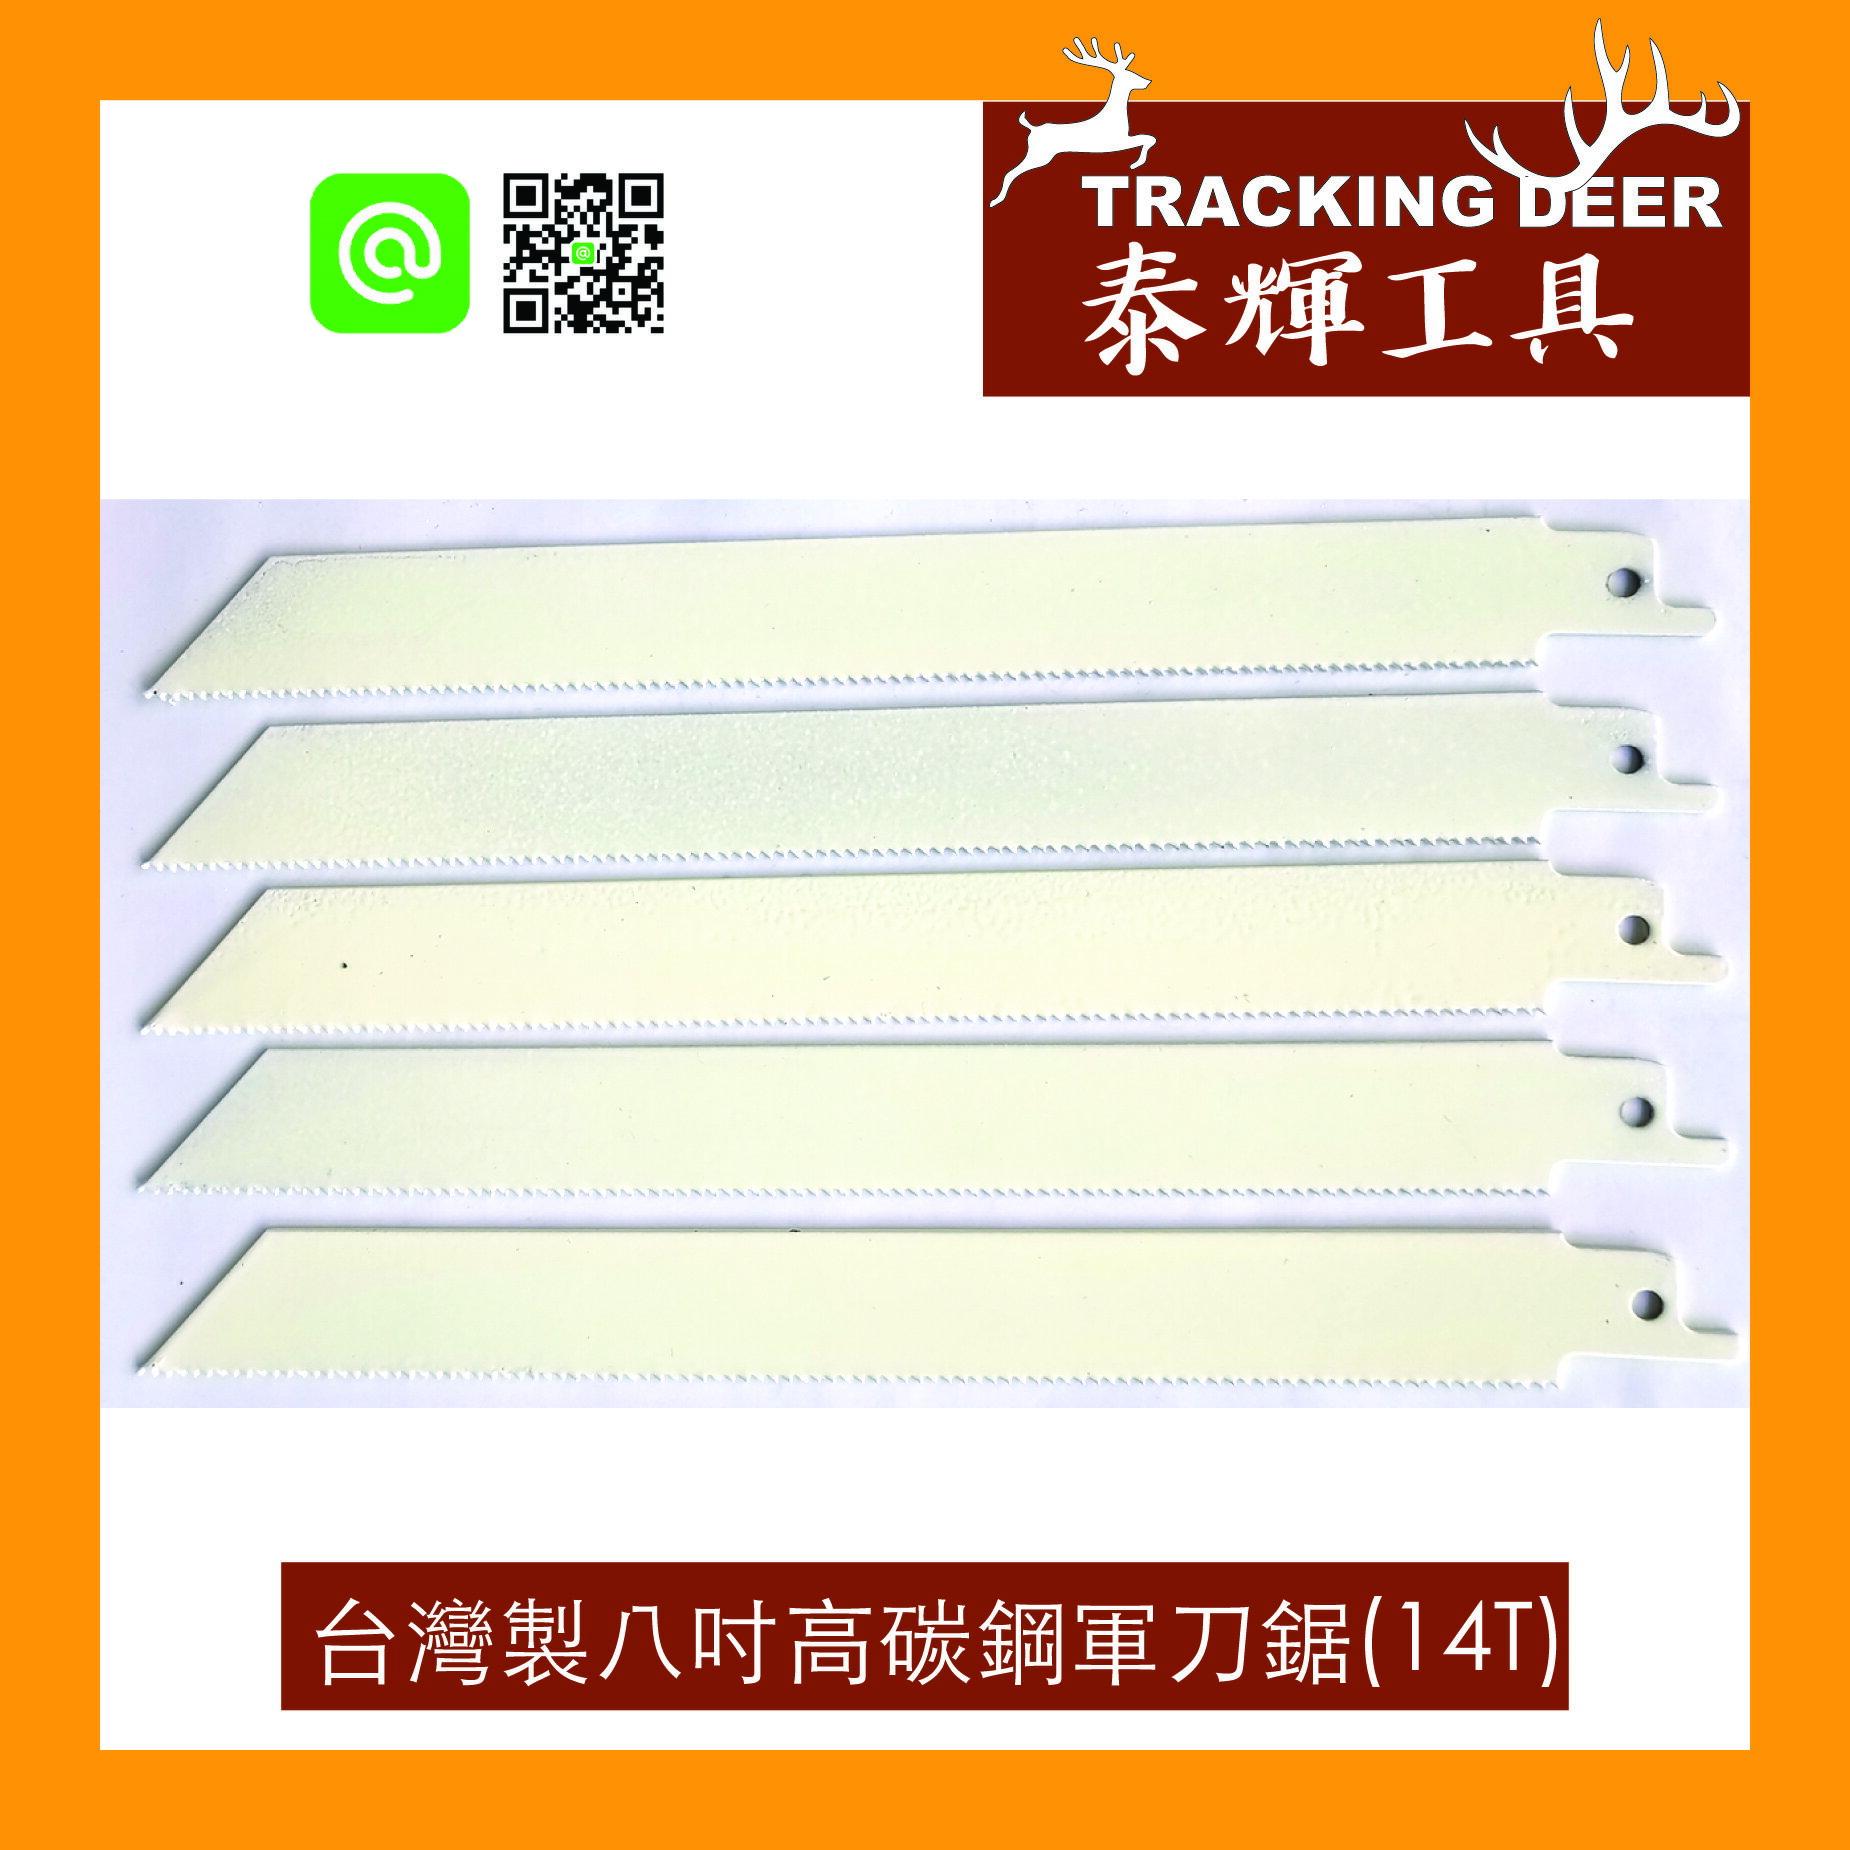 台灣製造 木工用【8吋X14T 軍刀鋸片 往復鋸片】高碳鋼材質(5支/組)